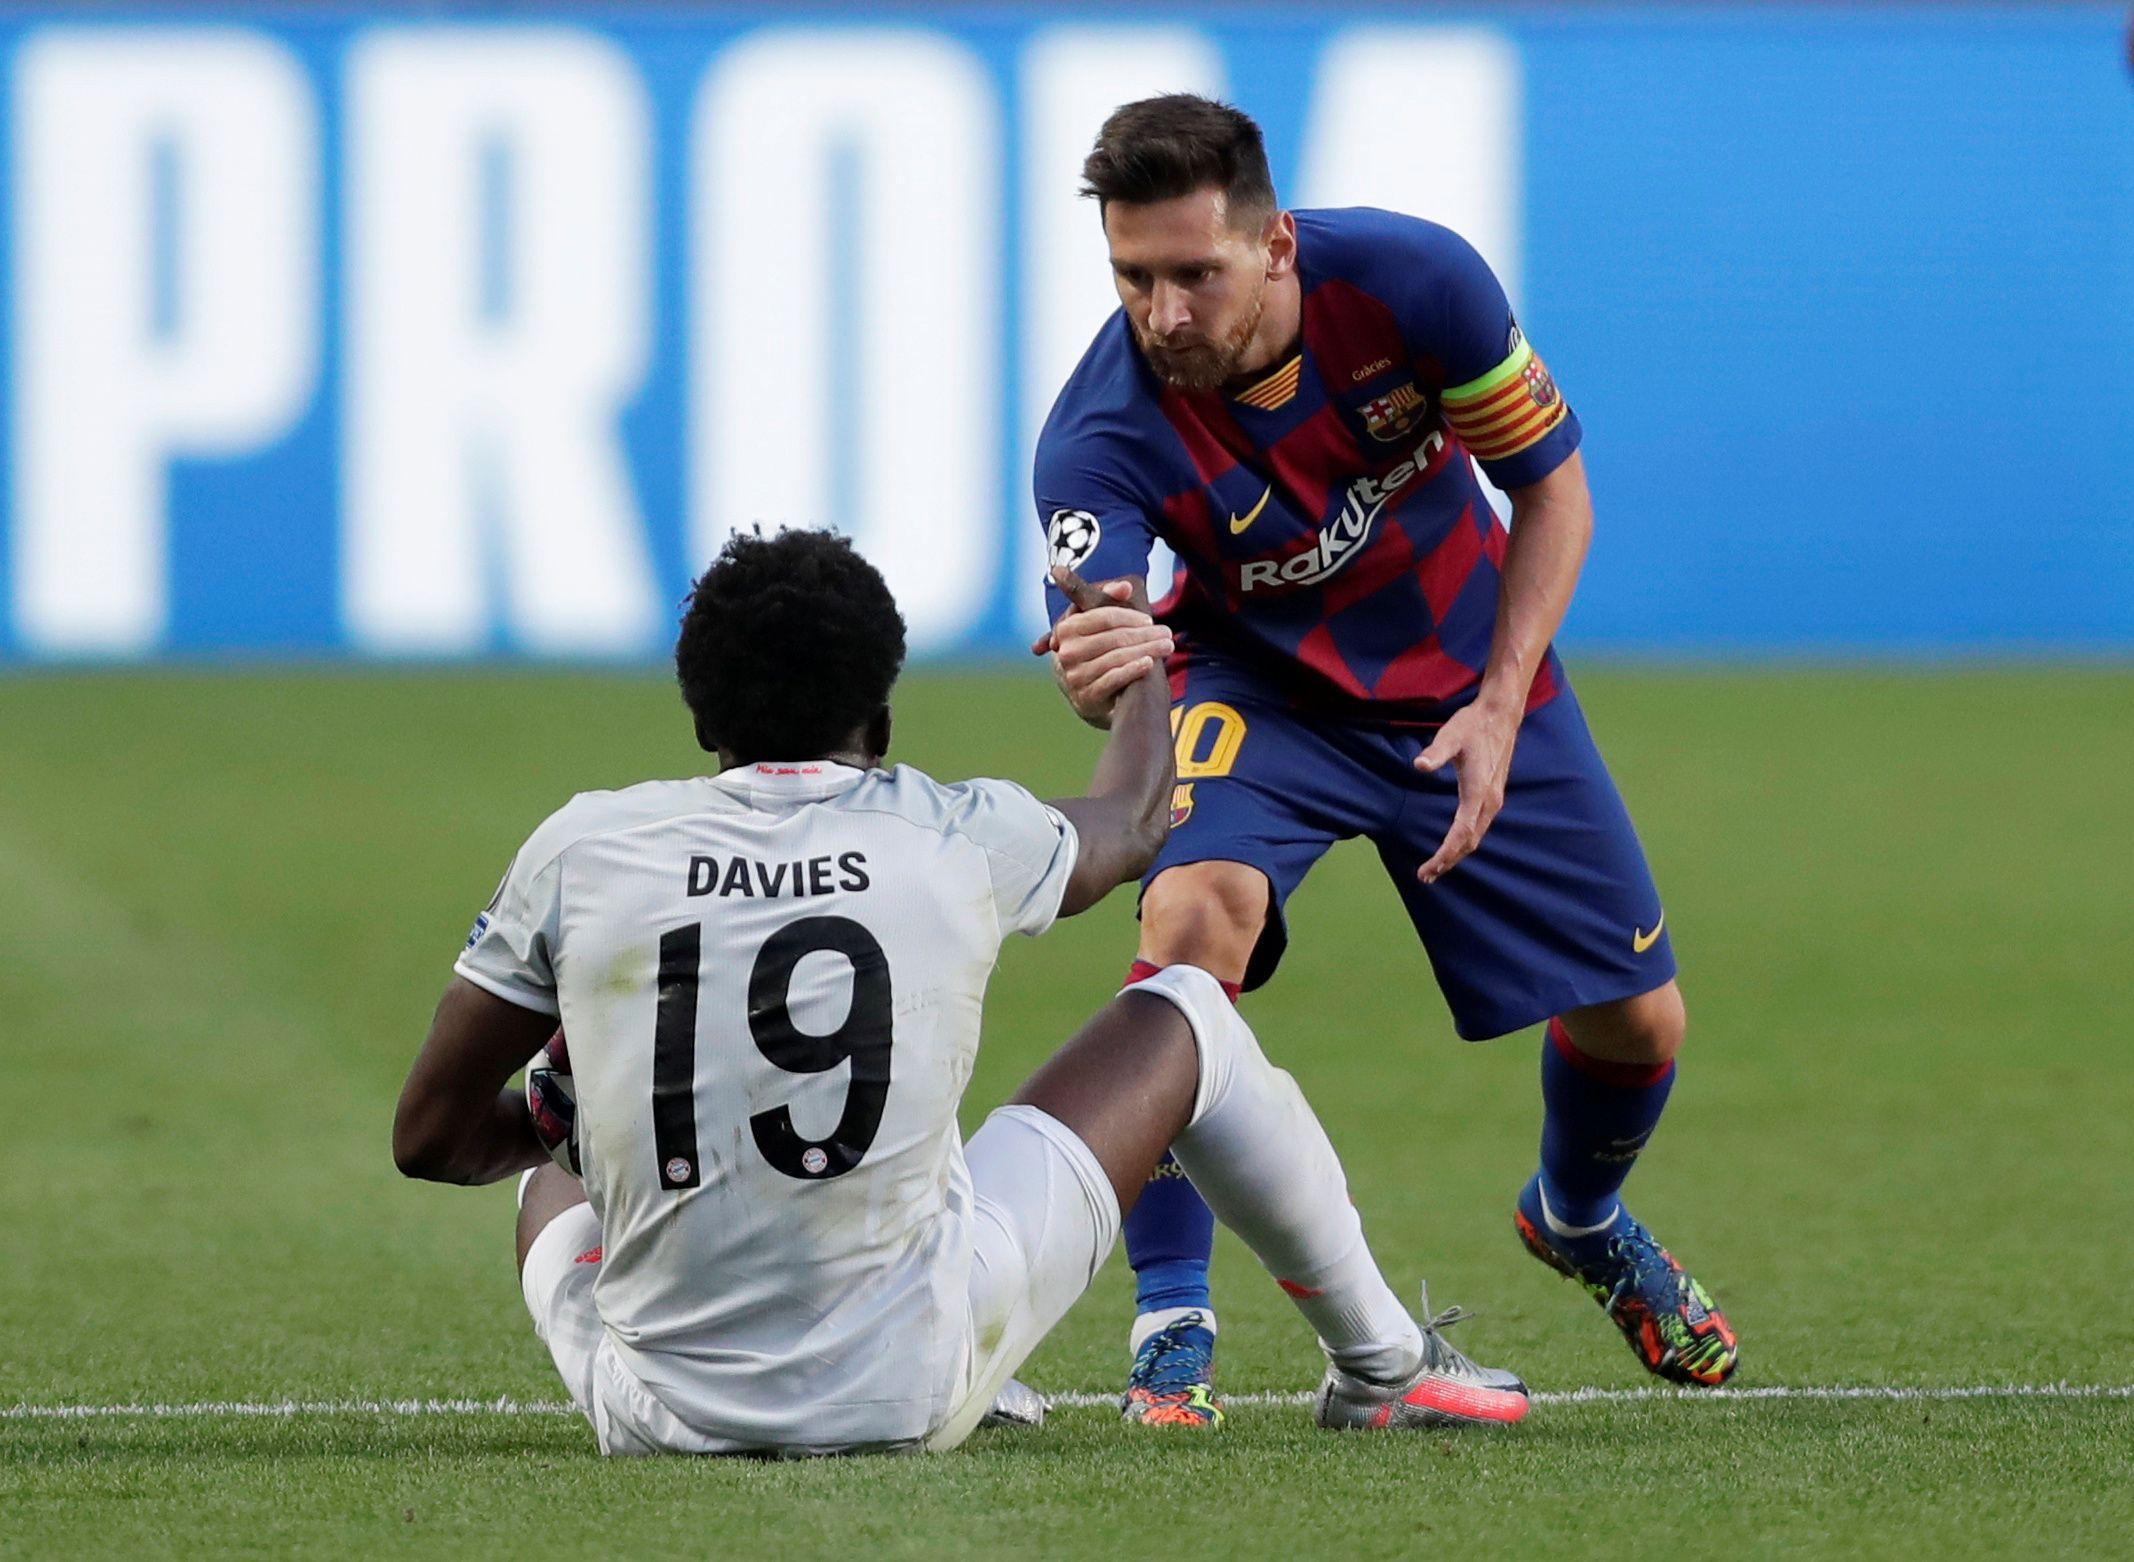 Lionel Messi ayuda a Alphonso Davies a recuperarse, durante el encuentro que disputaron Barcelona y Bayern Múnich por los cuartos de final de la Champions League y que terminó con un histórico triunfo alemán por 8-2 (Manu Fernandez / Pool vía REUTERS)